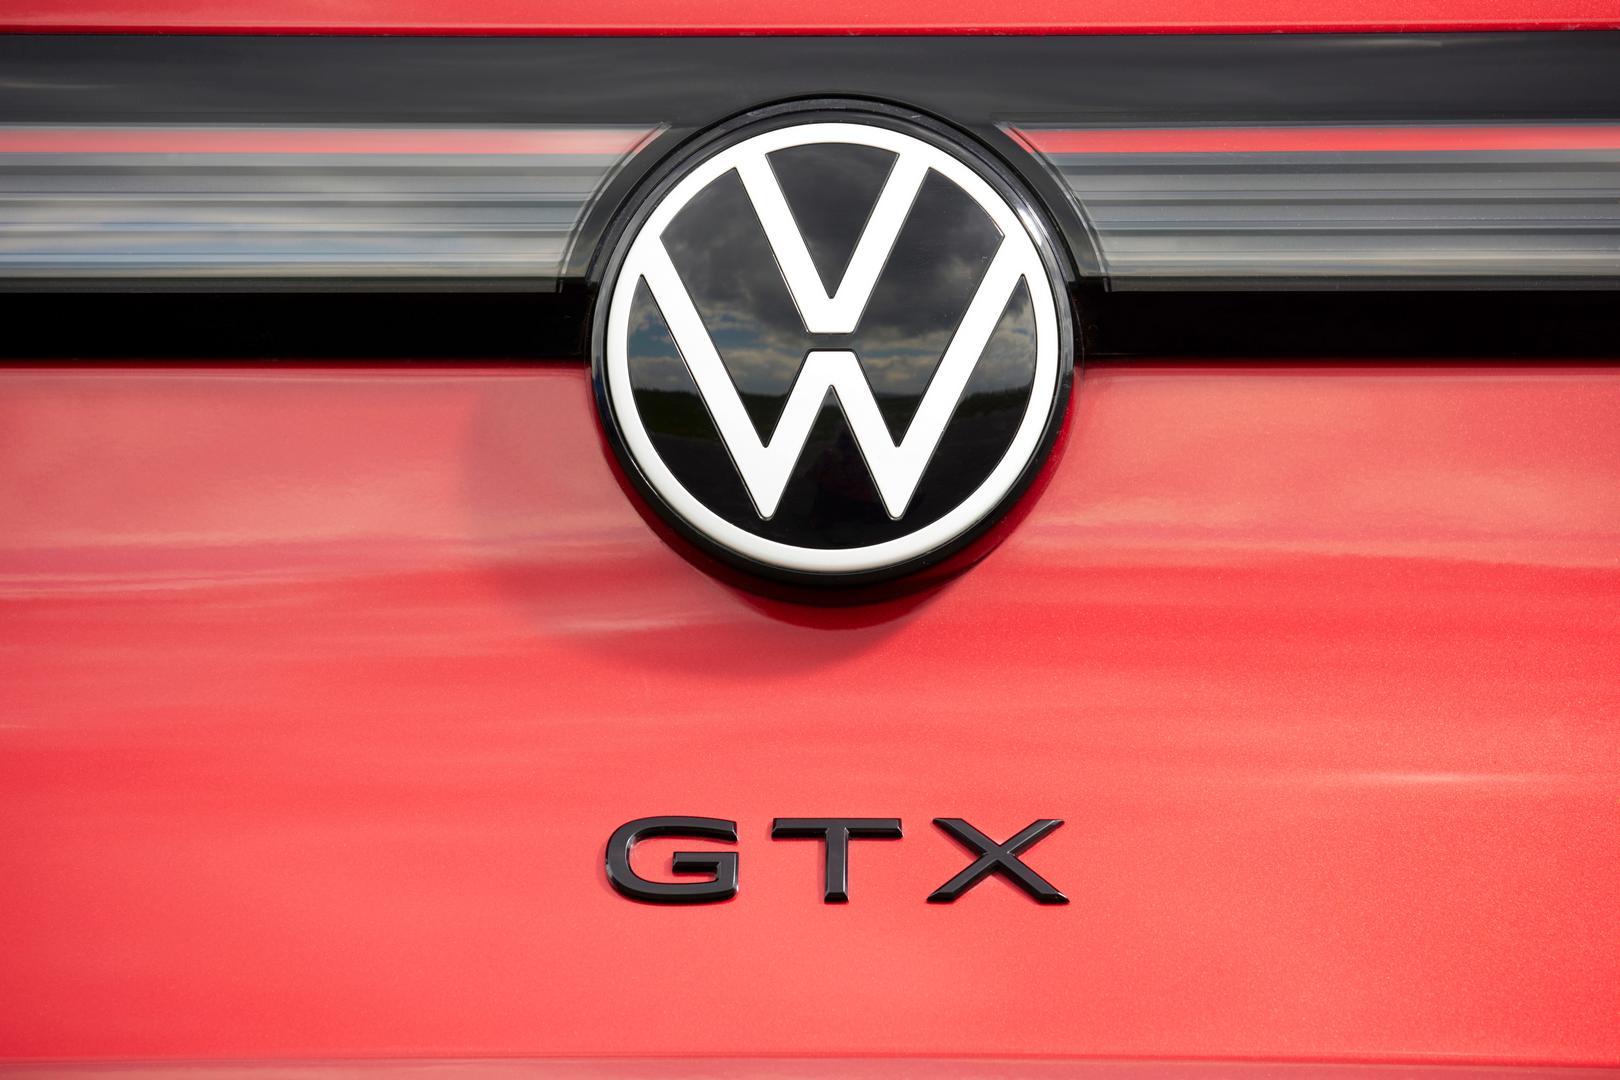 Volkswagen ID.4 GTX badge